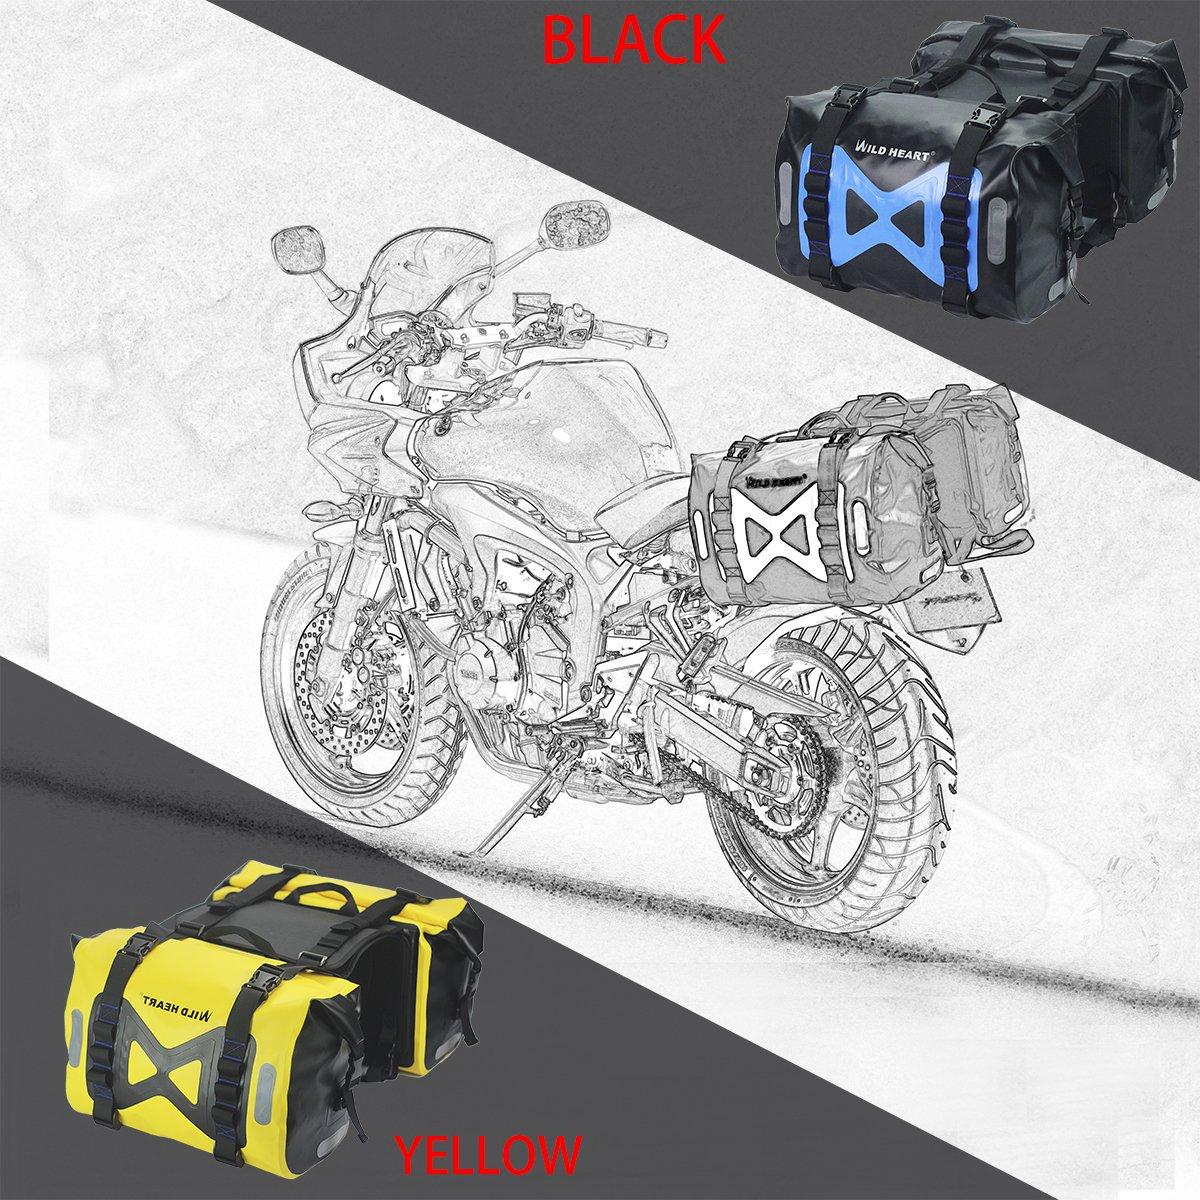 Amazon.com: WILD HEART Bolsa impermeable para motocicleta ...